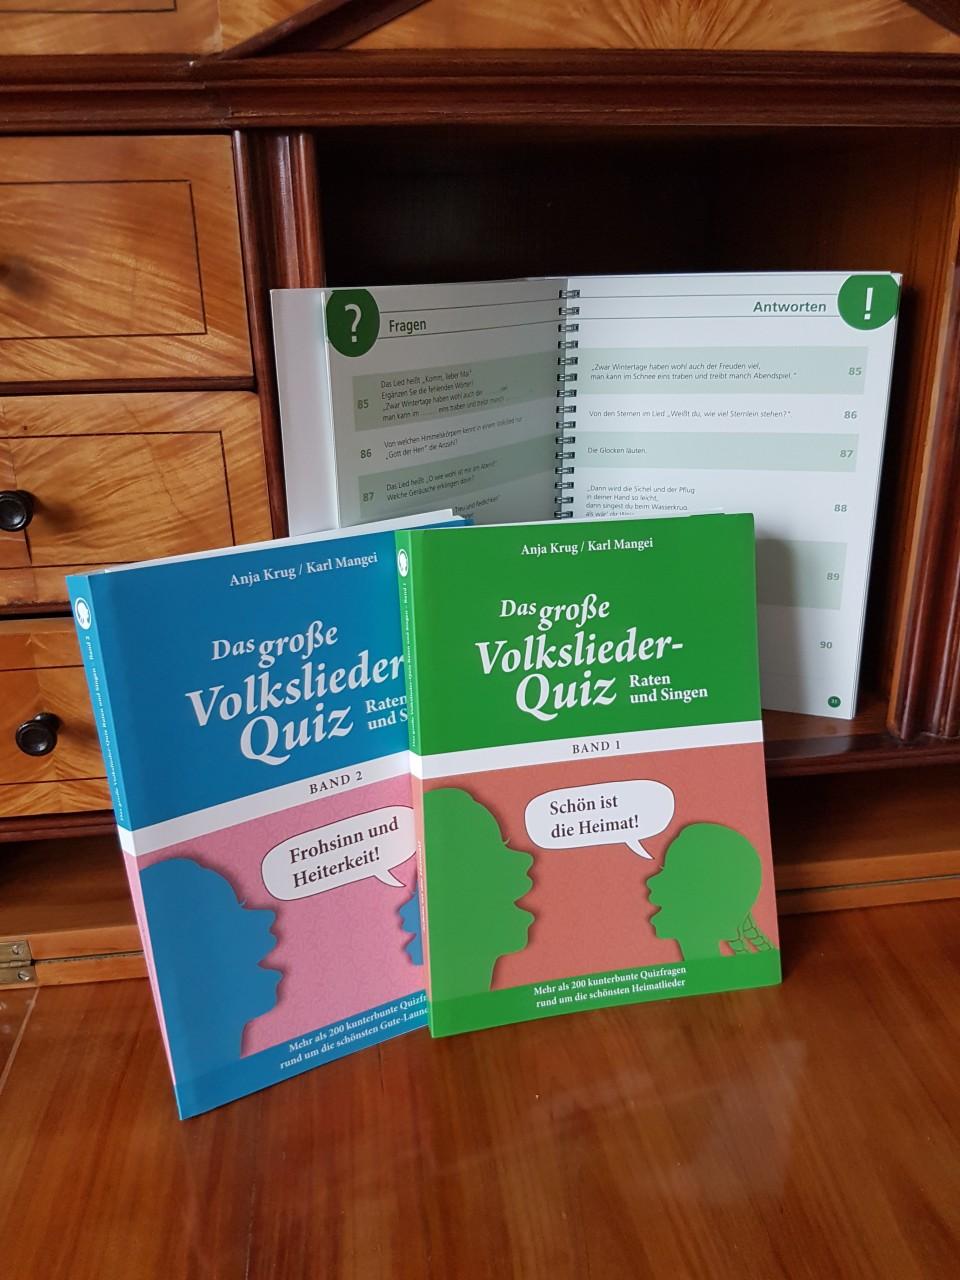 Quizbuch-SingLiesel-1FnPMpGHURC6Kx